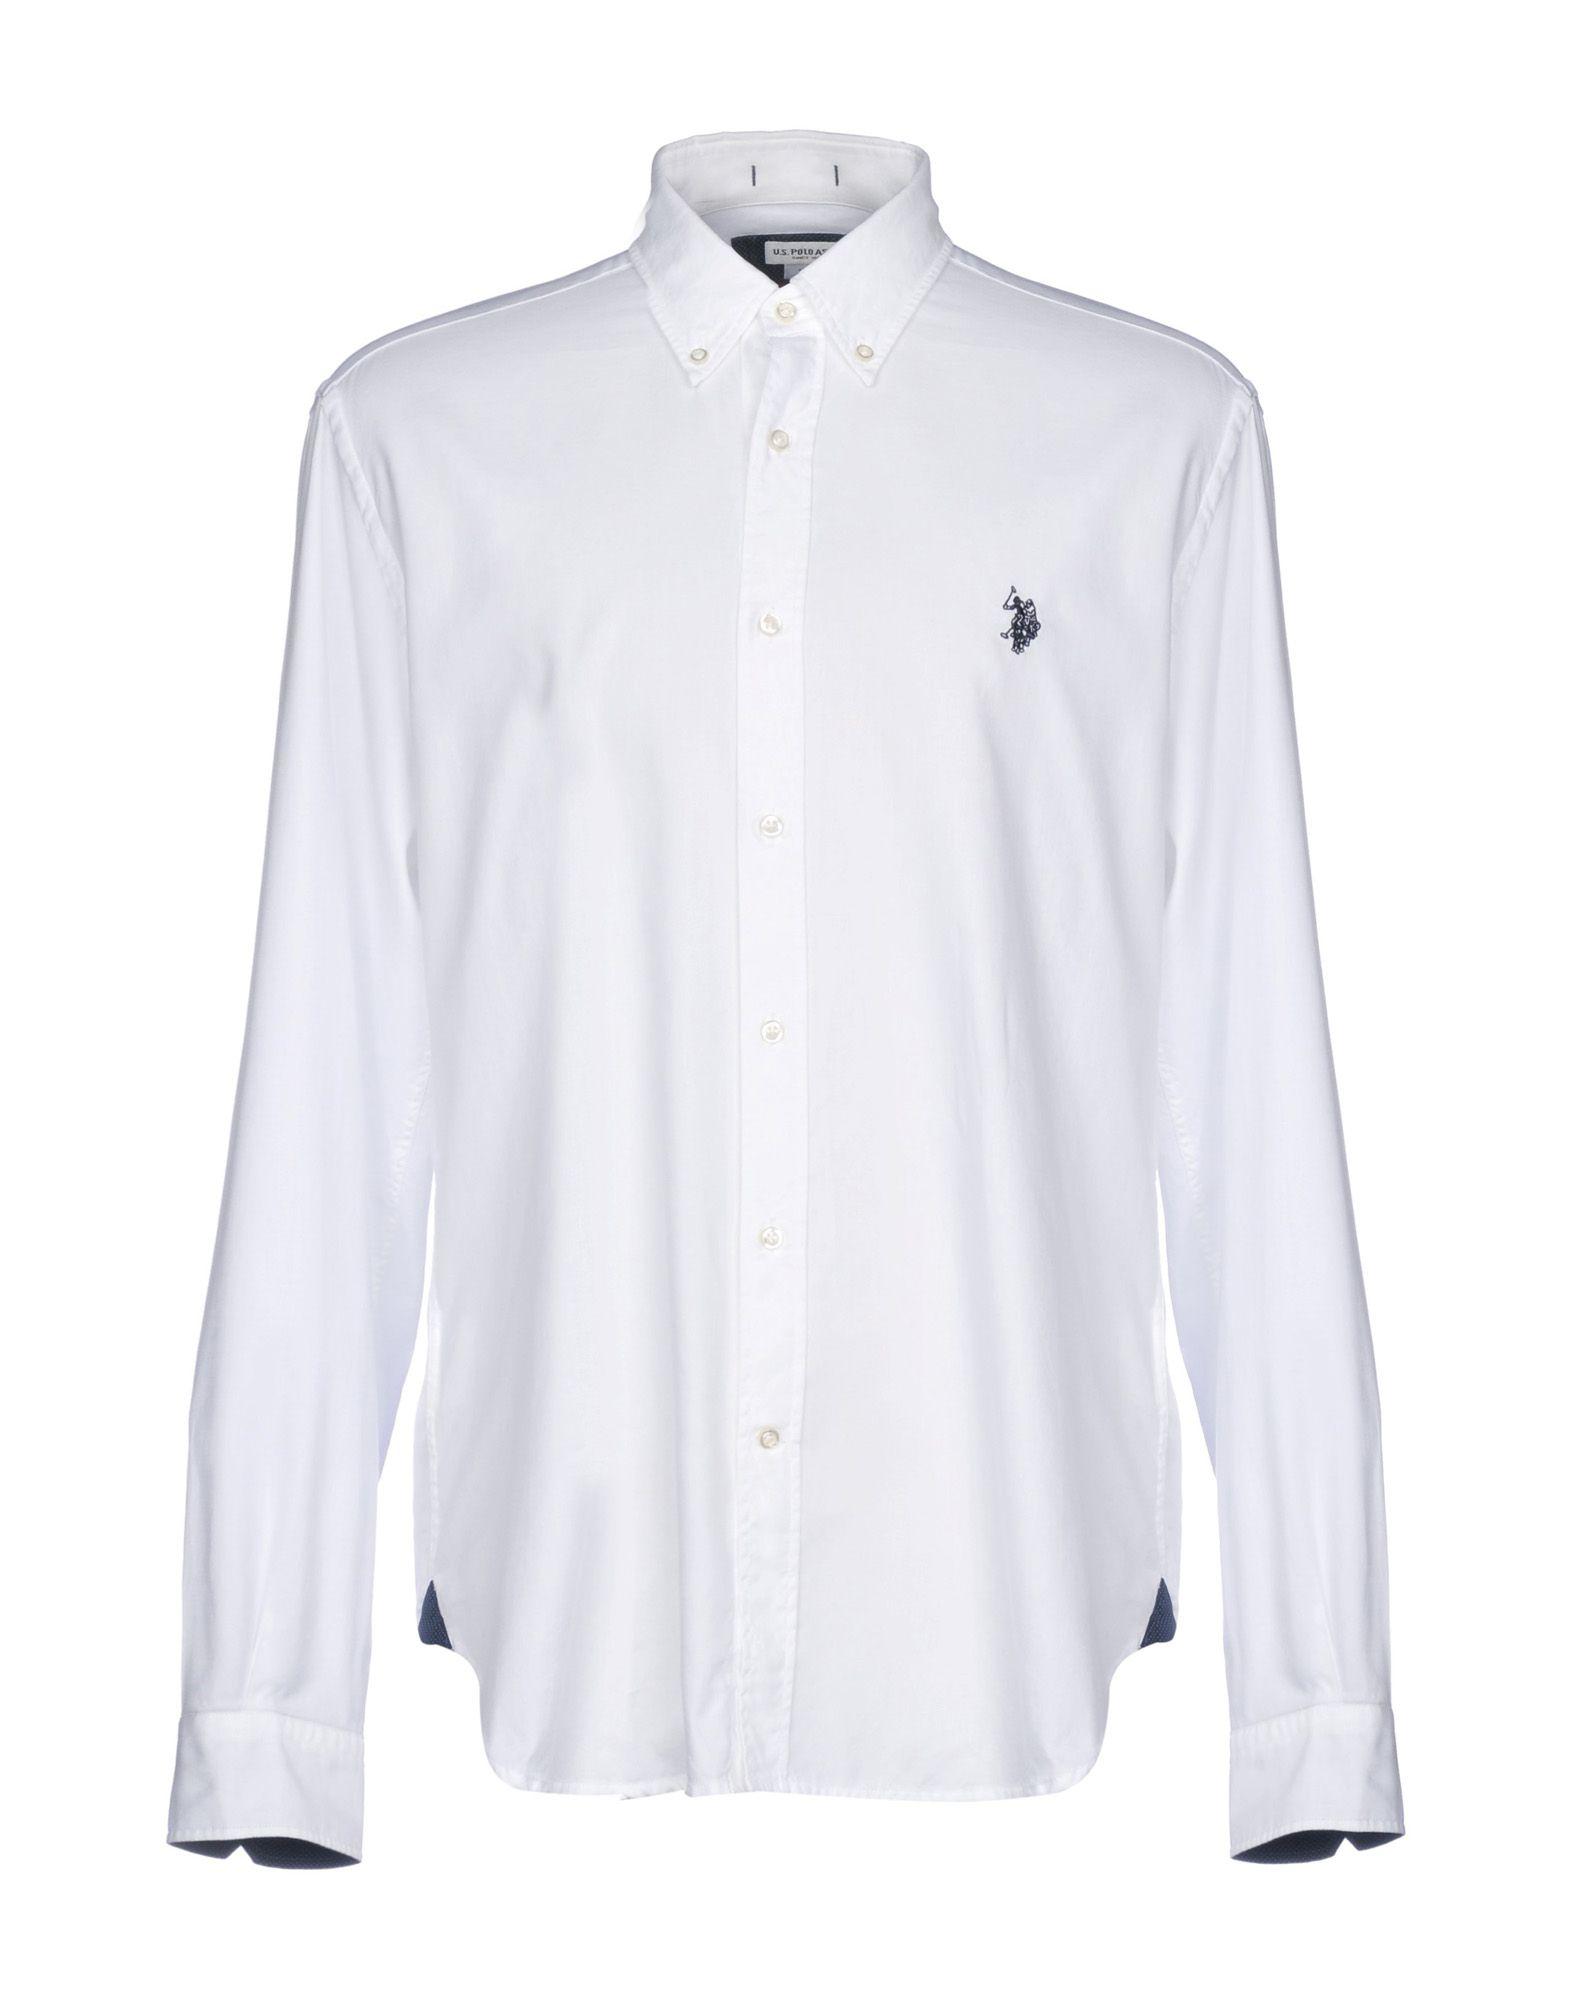 《送料無料》U.S.POLO ASSN. メンズ シャツ ホワイト XL コットン 100%